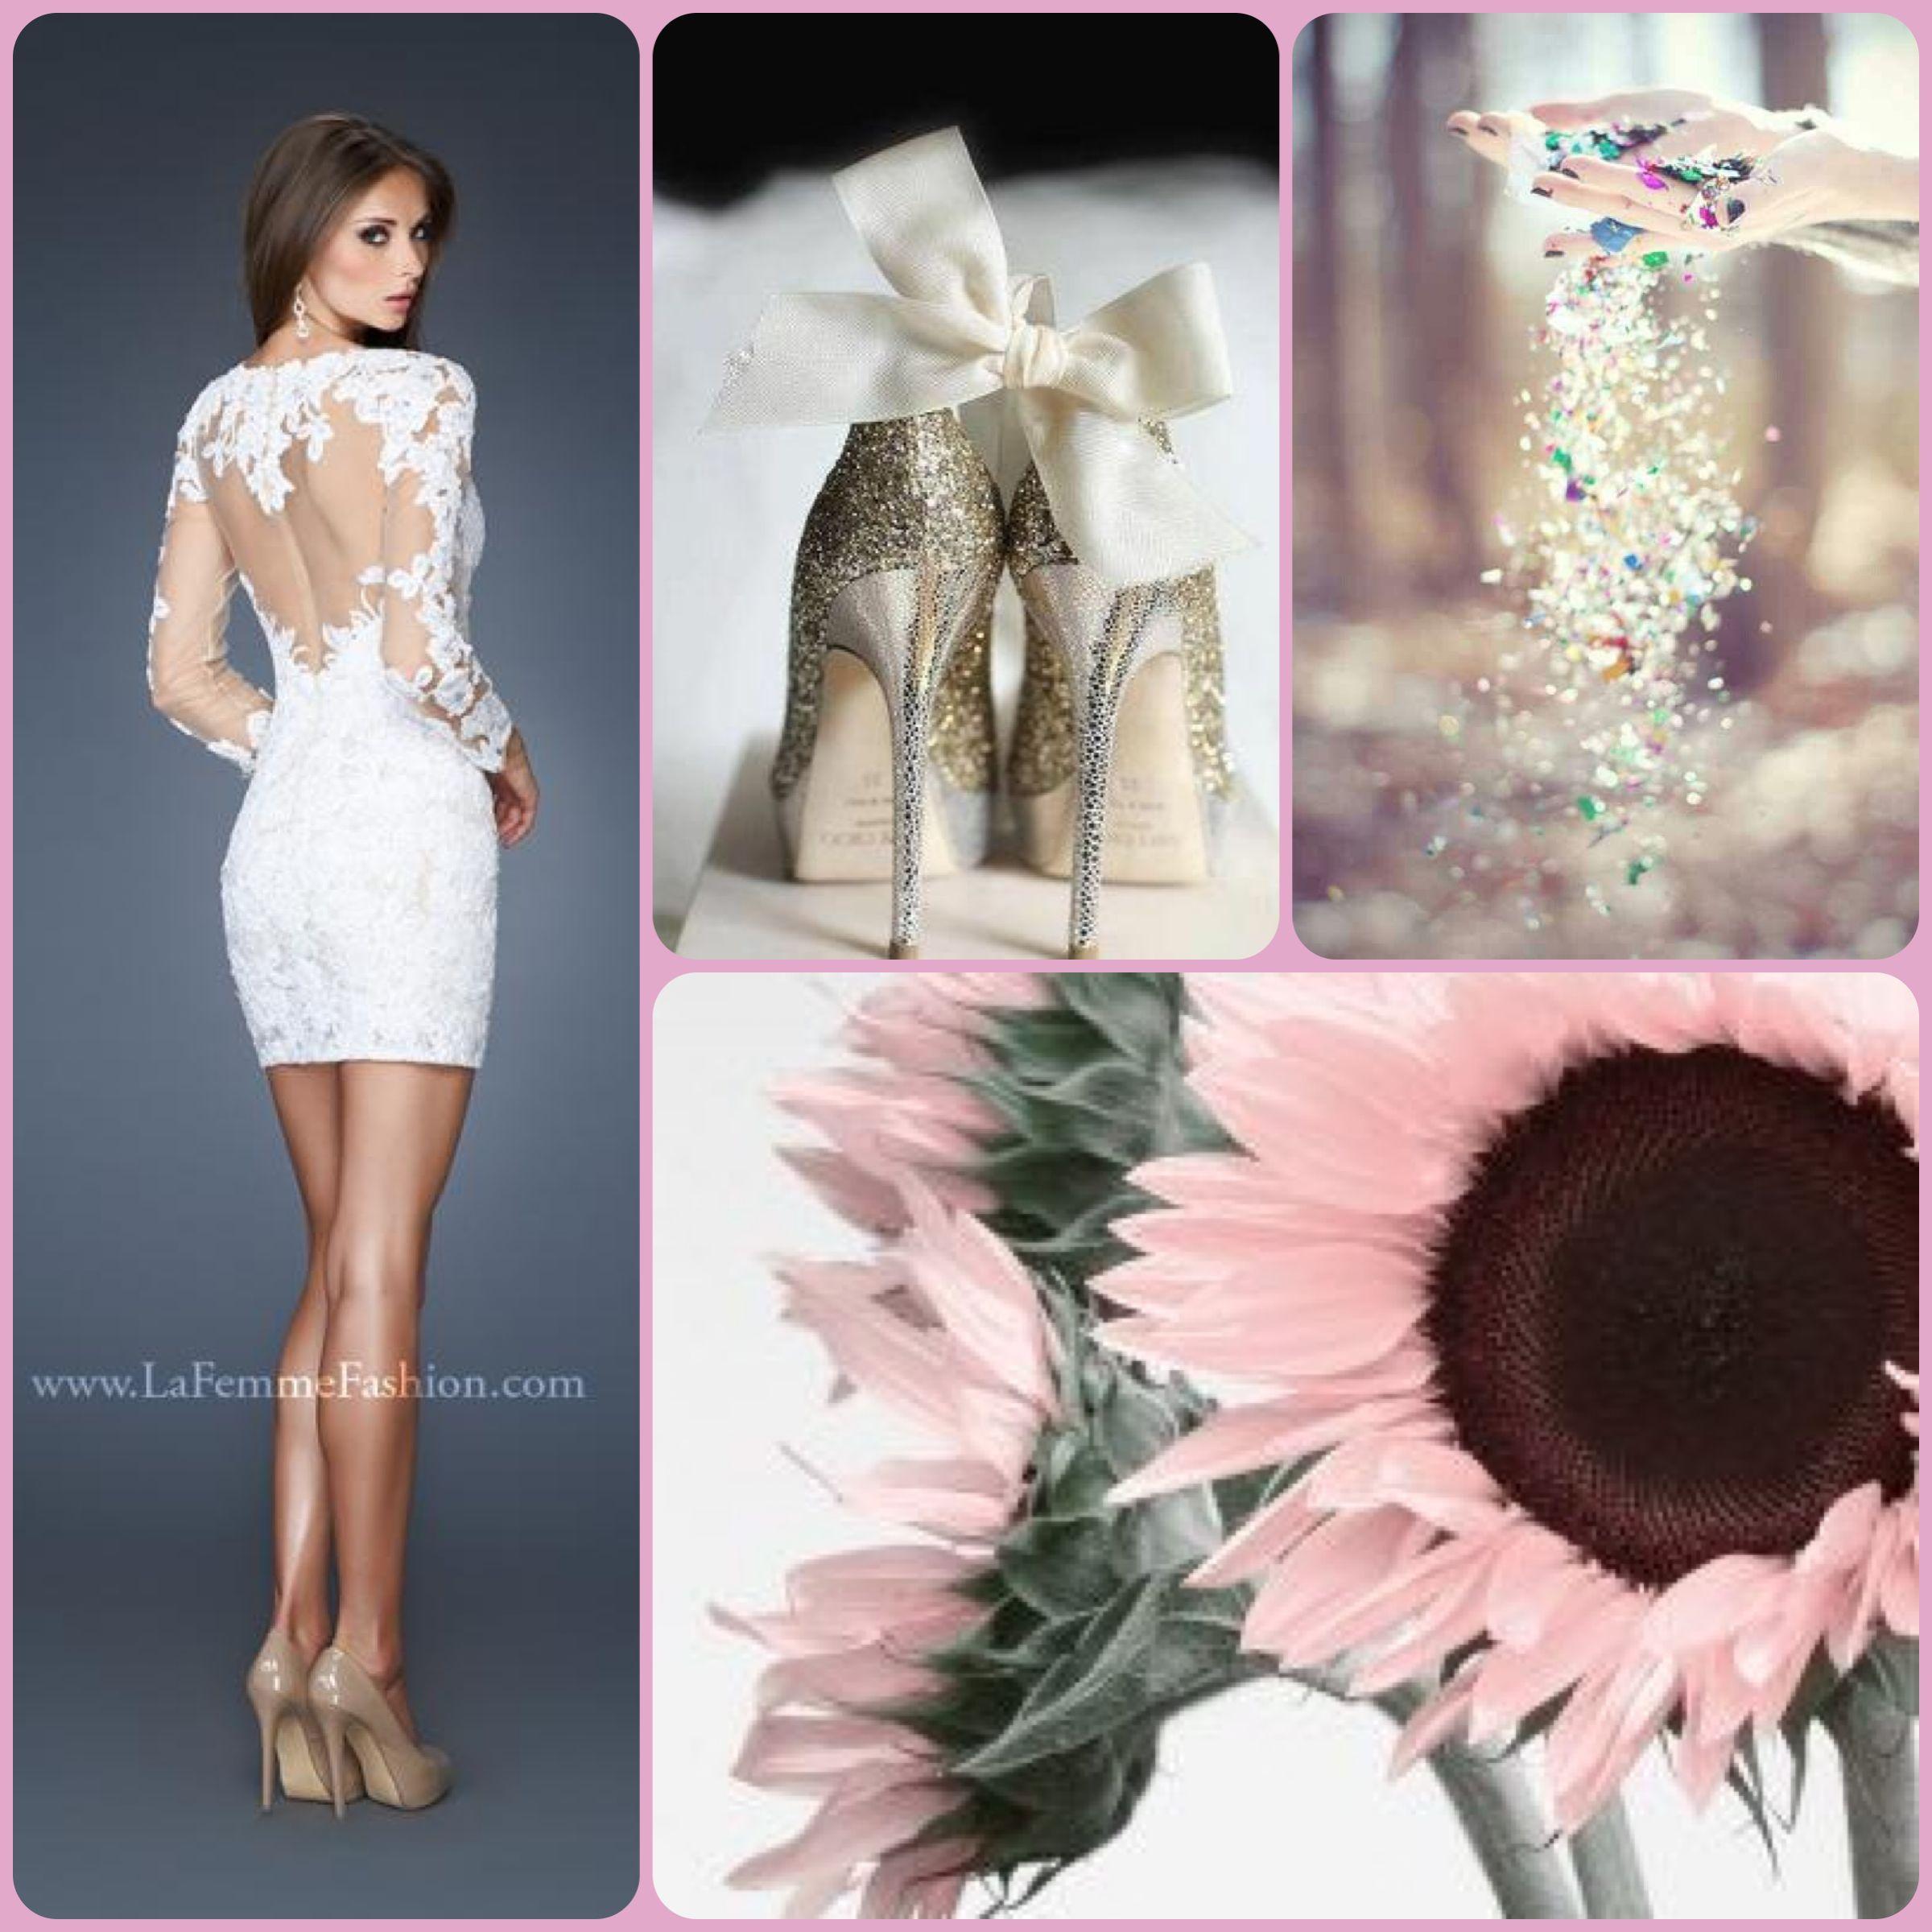 La femme style white dress short white dress white prom